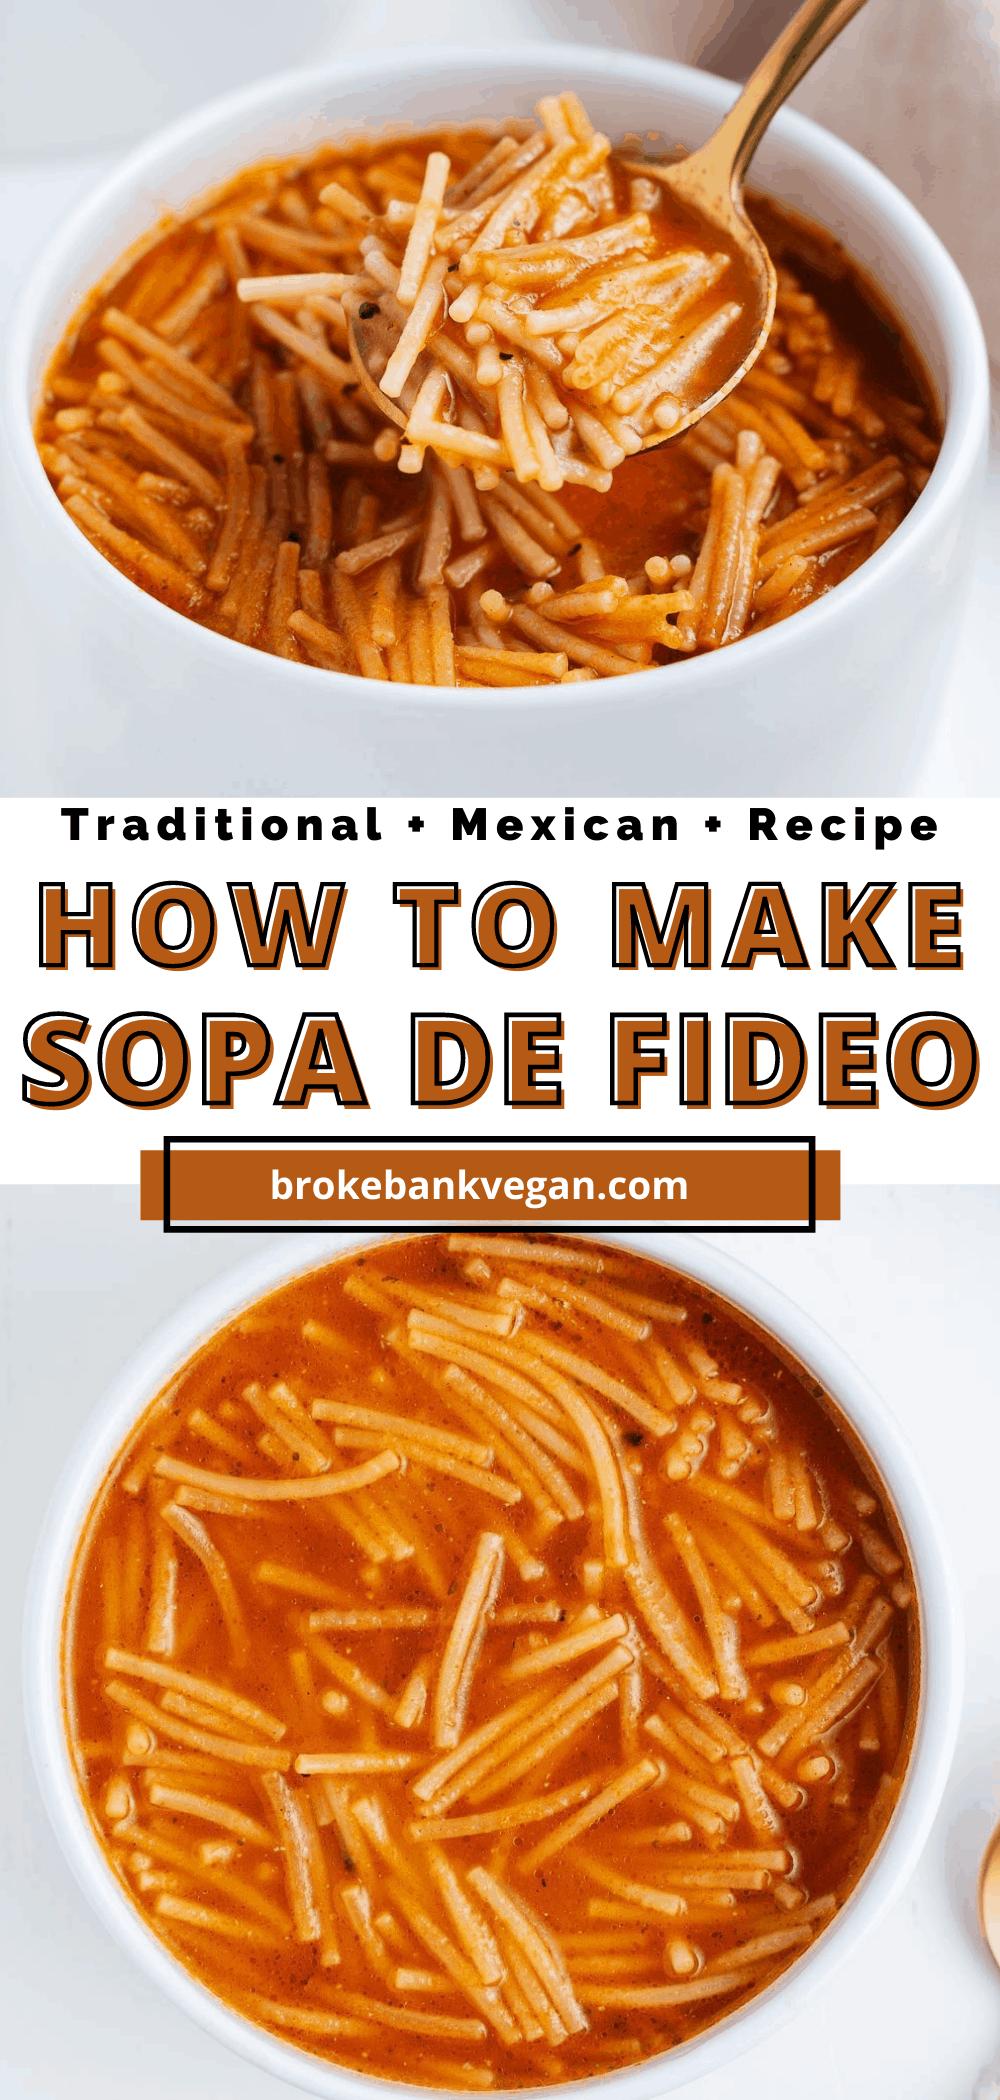 How to Make Sopa de Fideo